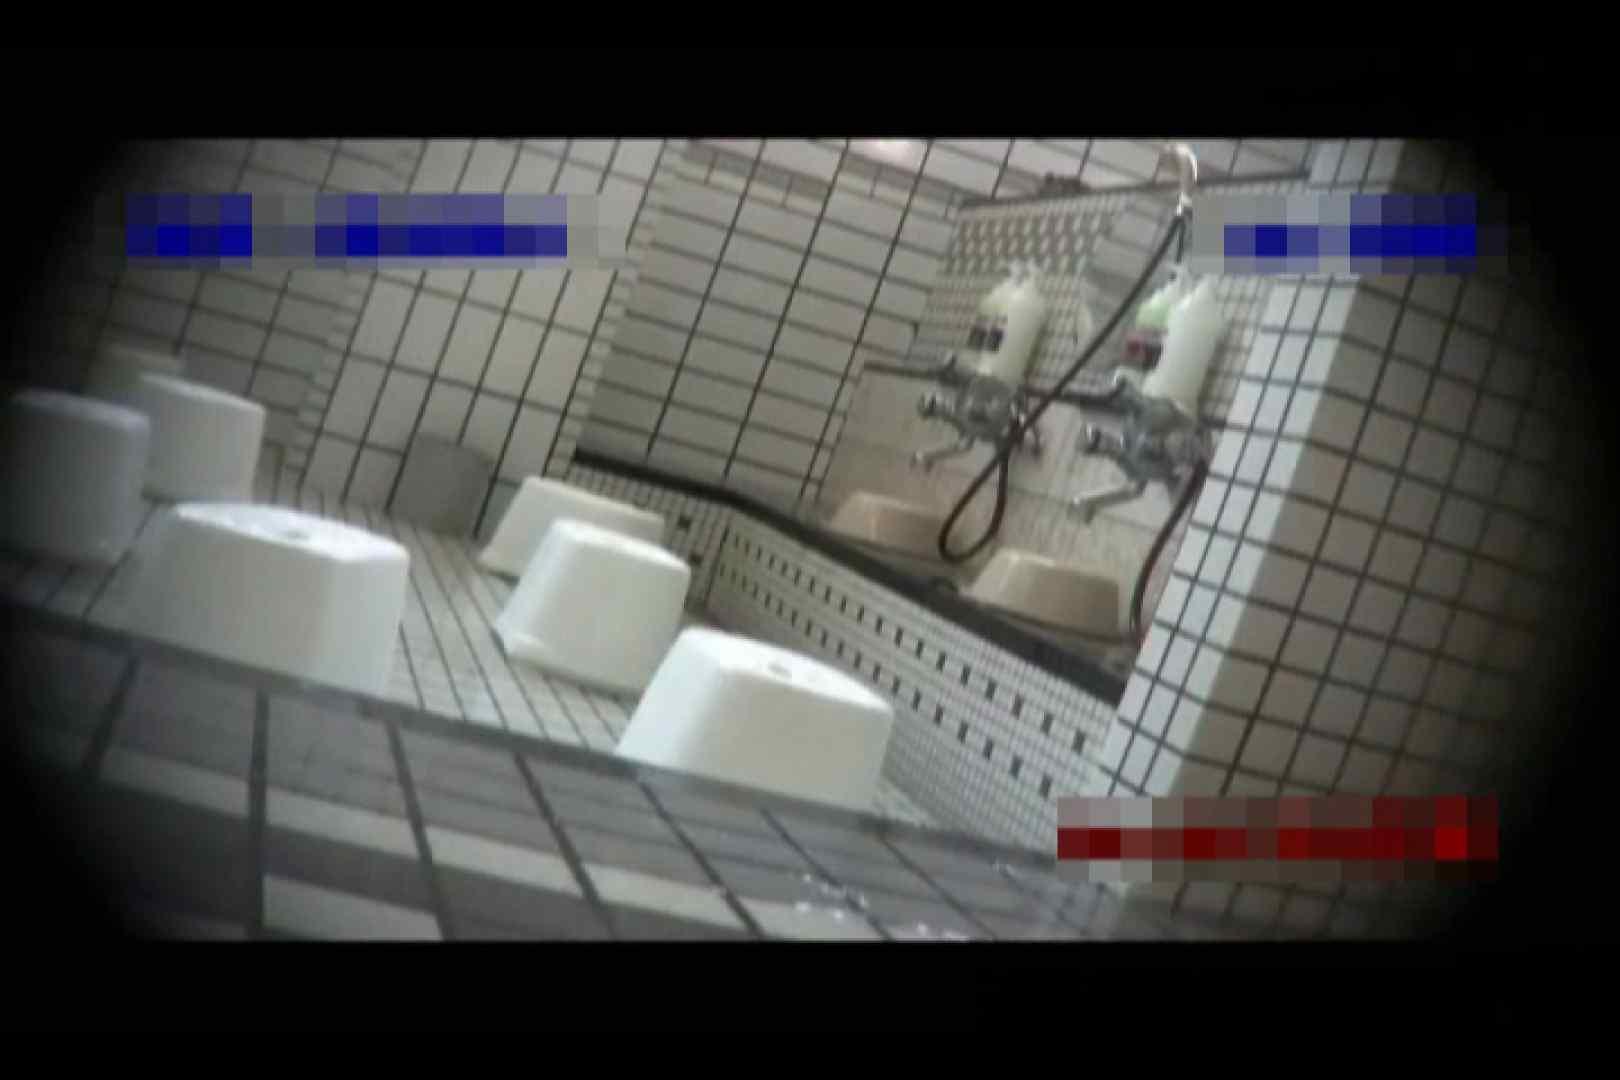 未熟な珊瑚礁 vol.15 名作 盗撮AV動画キャプチャ 91画像 5